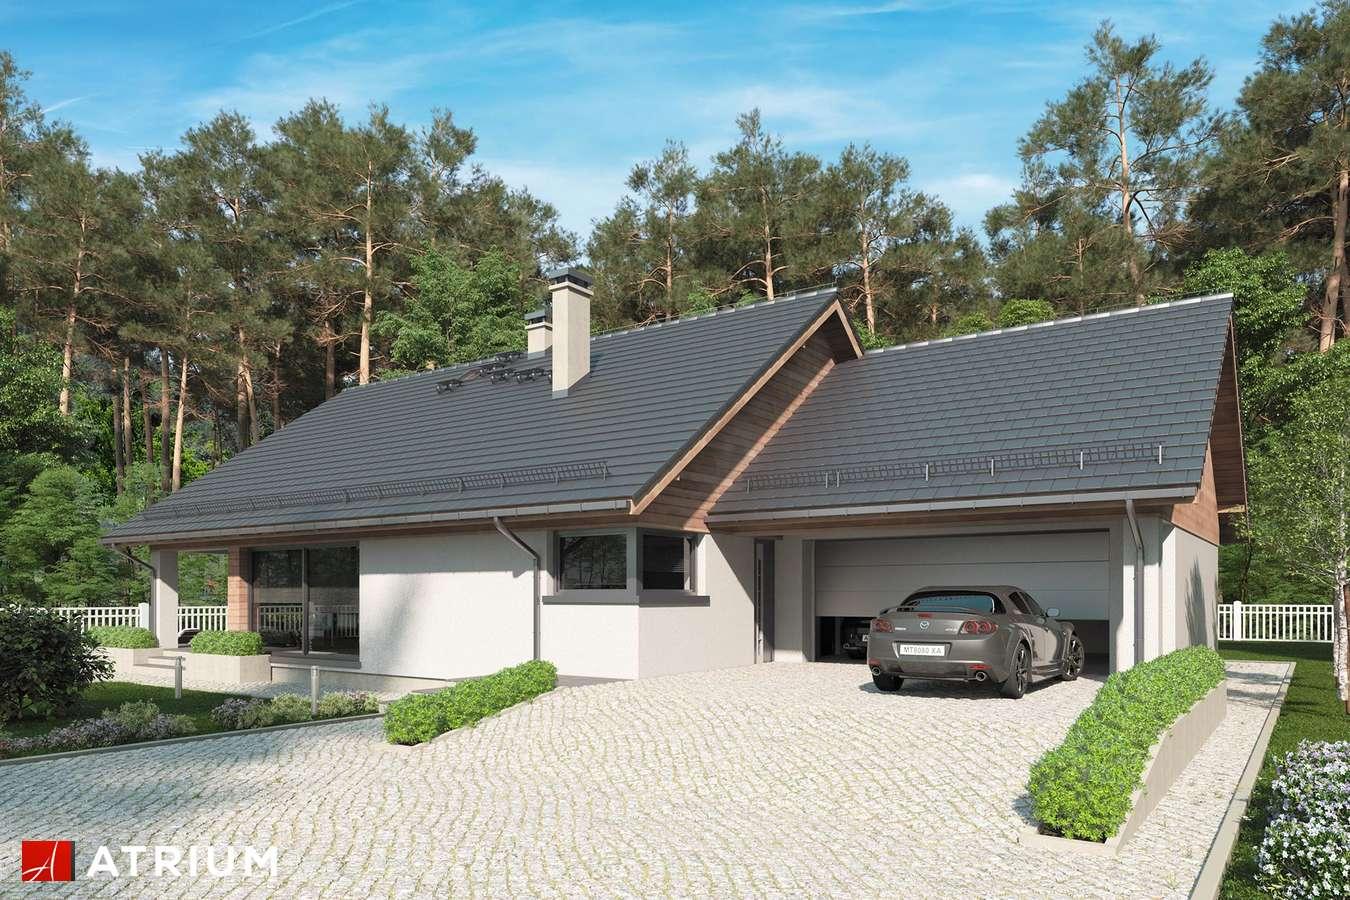 Projekty domów - Projekt domu parterowego MERLIN SP - wizualizacja 1